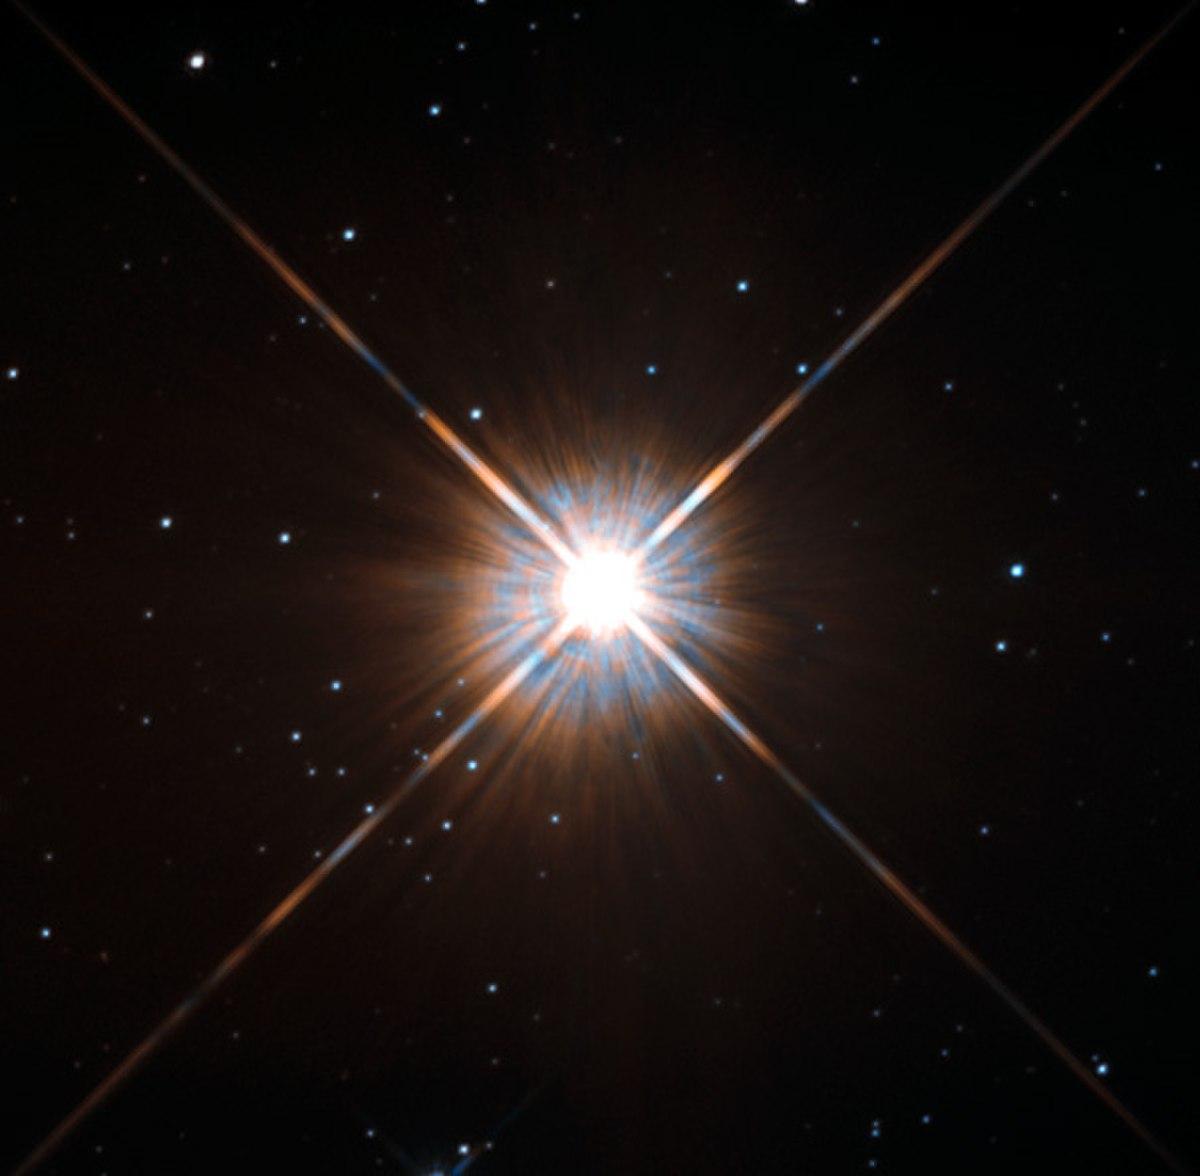 la estrella más cercana a nuestro Sol esconde muchos secretos